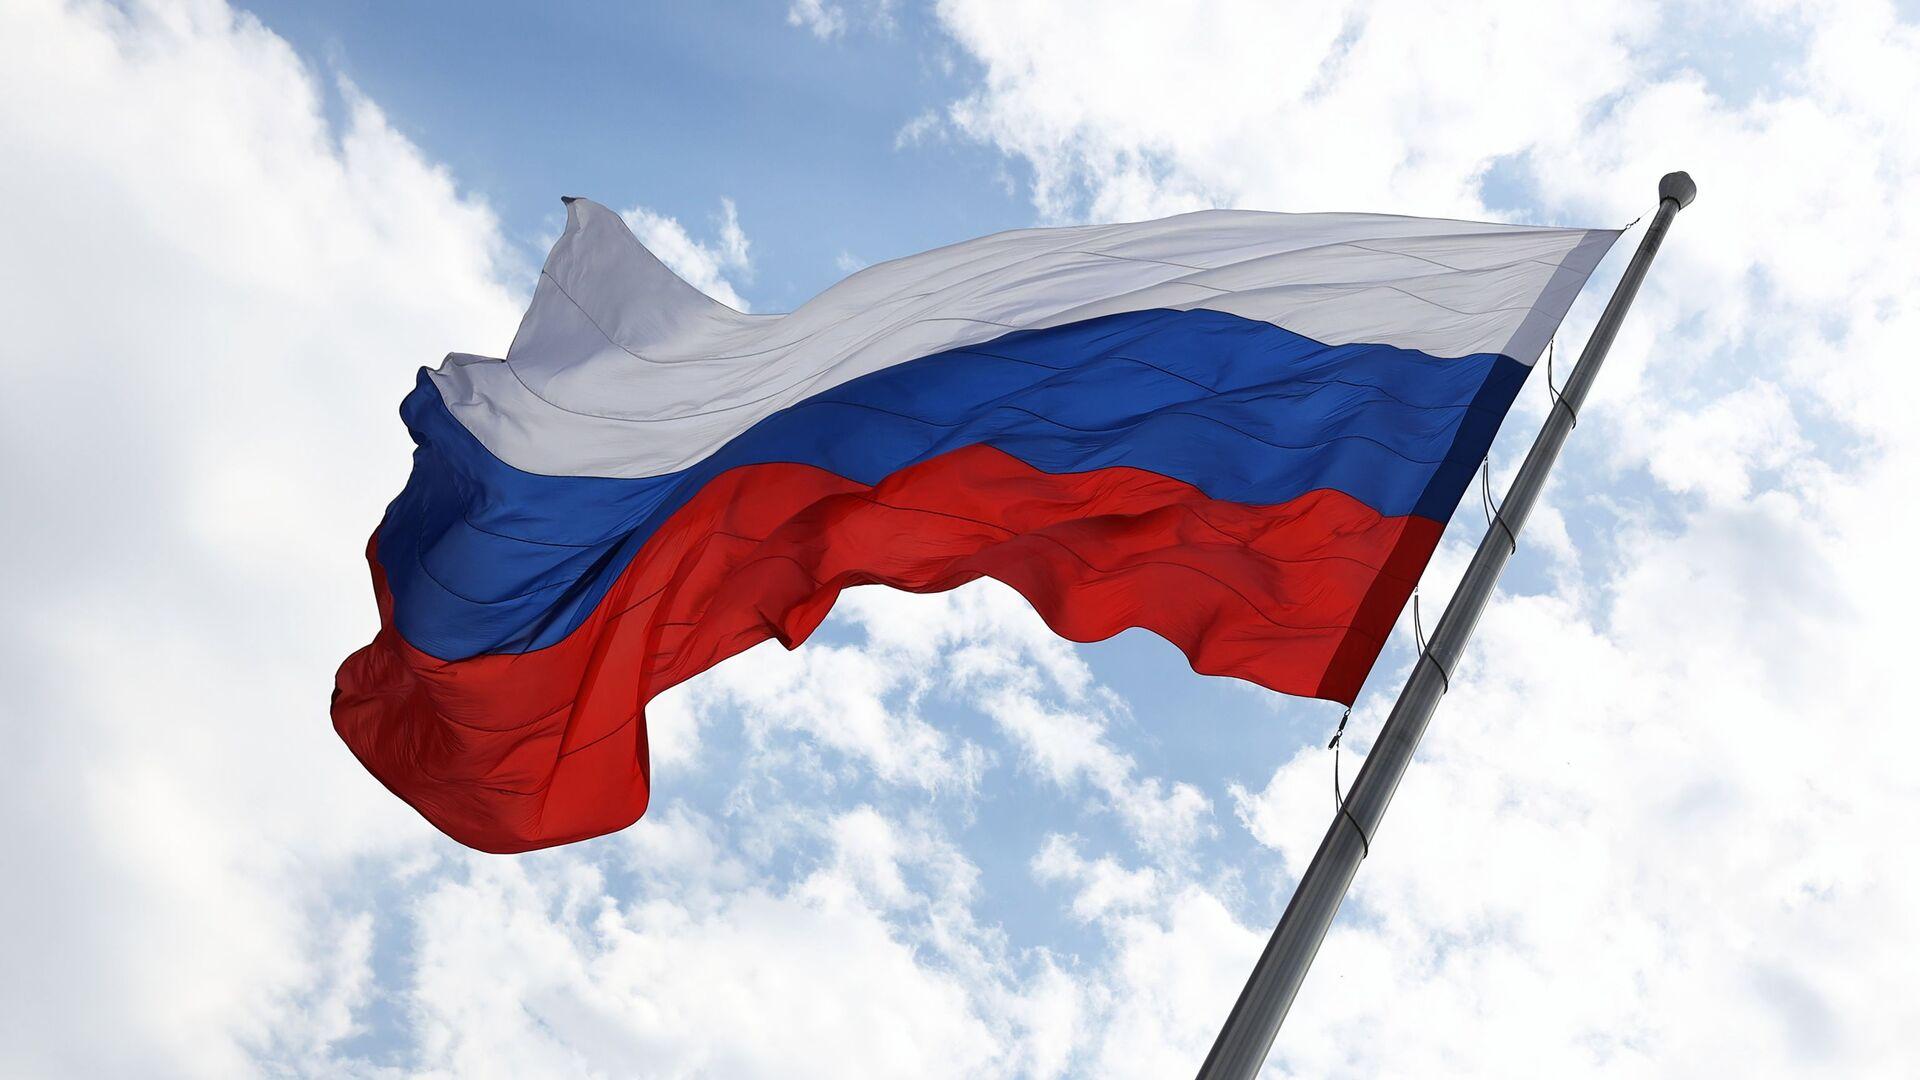 Торжественная церемония подъёма российского флага во время празднования Дня России на главной городской площади в Краснодаре - РИА Новости, 1920, 04.11.2020